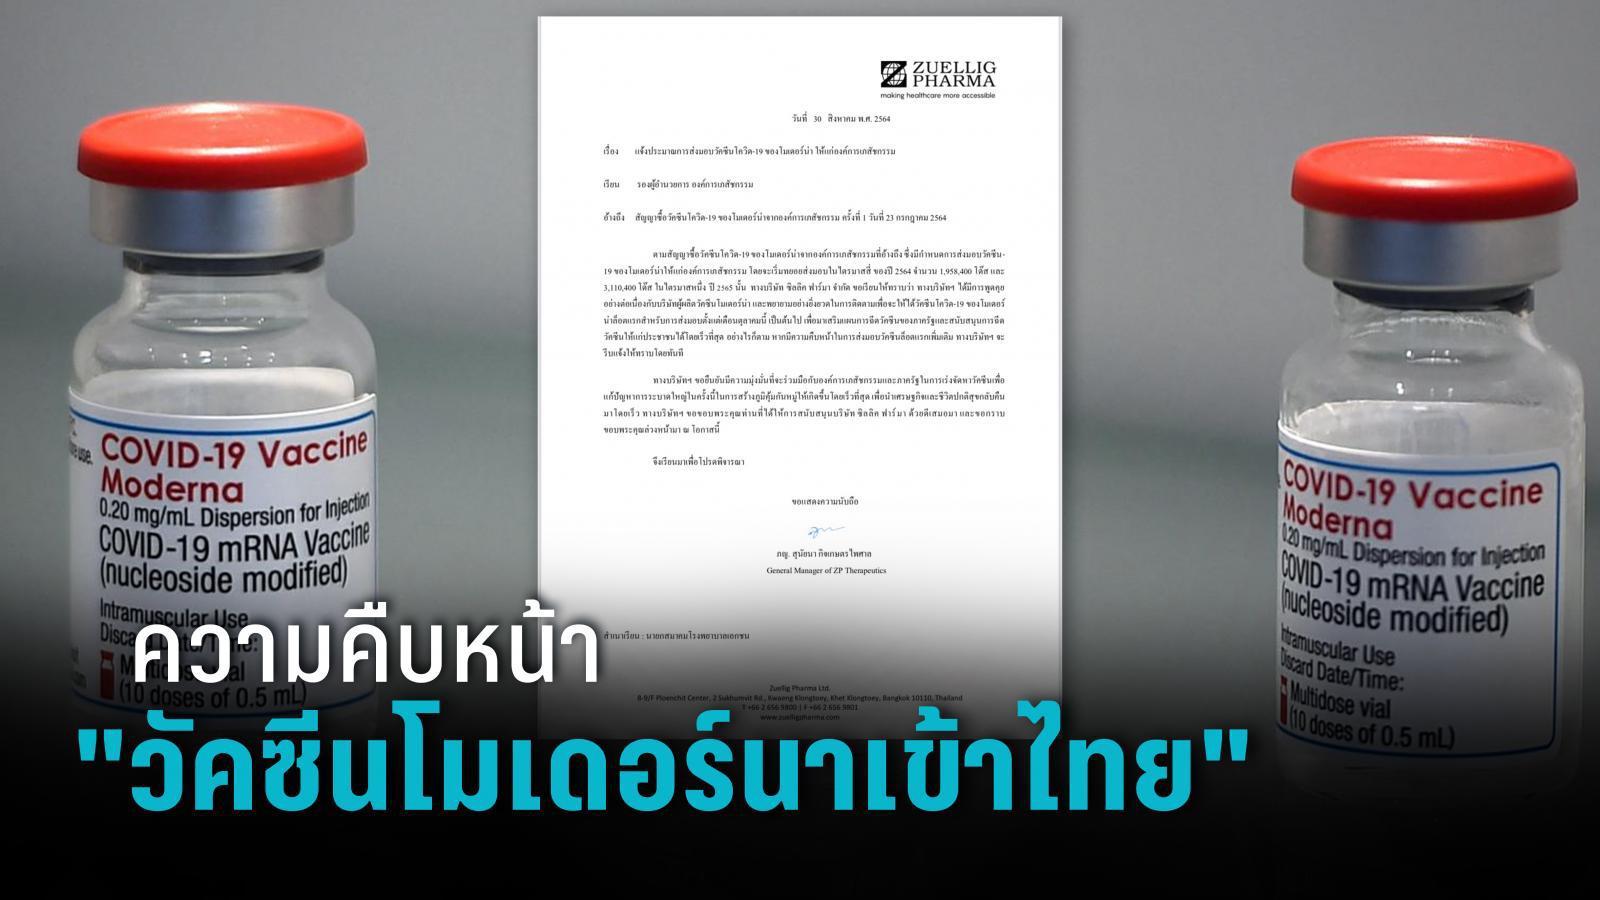 """บริษัทซิลลิคฯ ส่งหนังสือถึง องค์การเภสัชกรรม แจ้งความคืบหน้า """"วัคซีนโมเดอร์นา"""" เข้าไทย"""